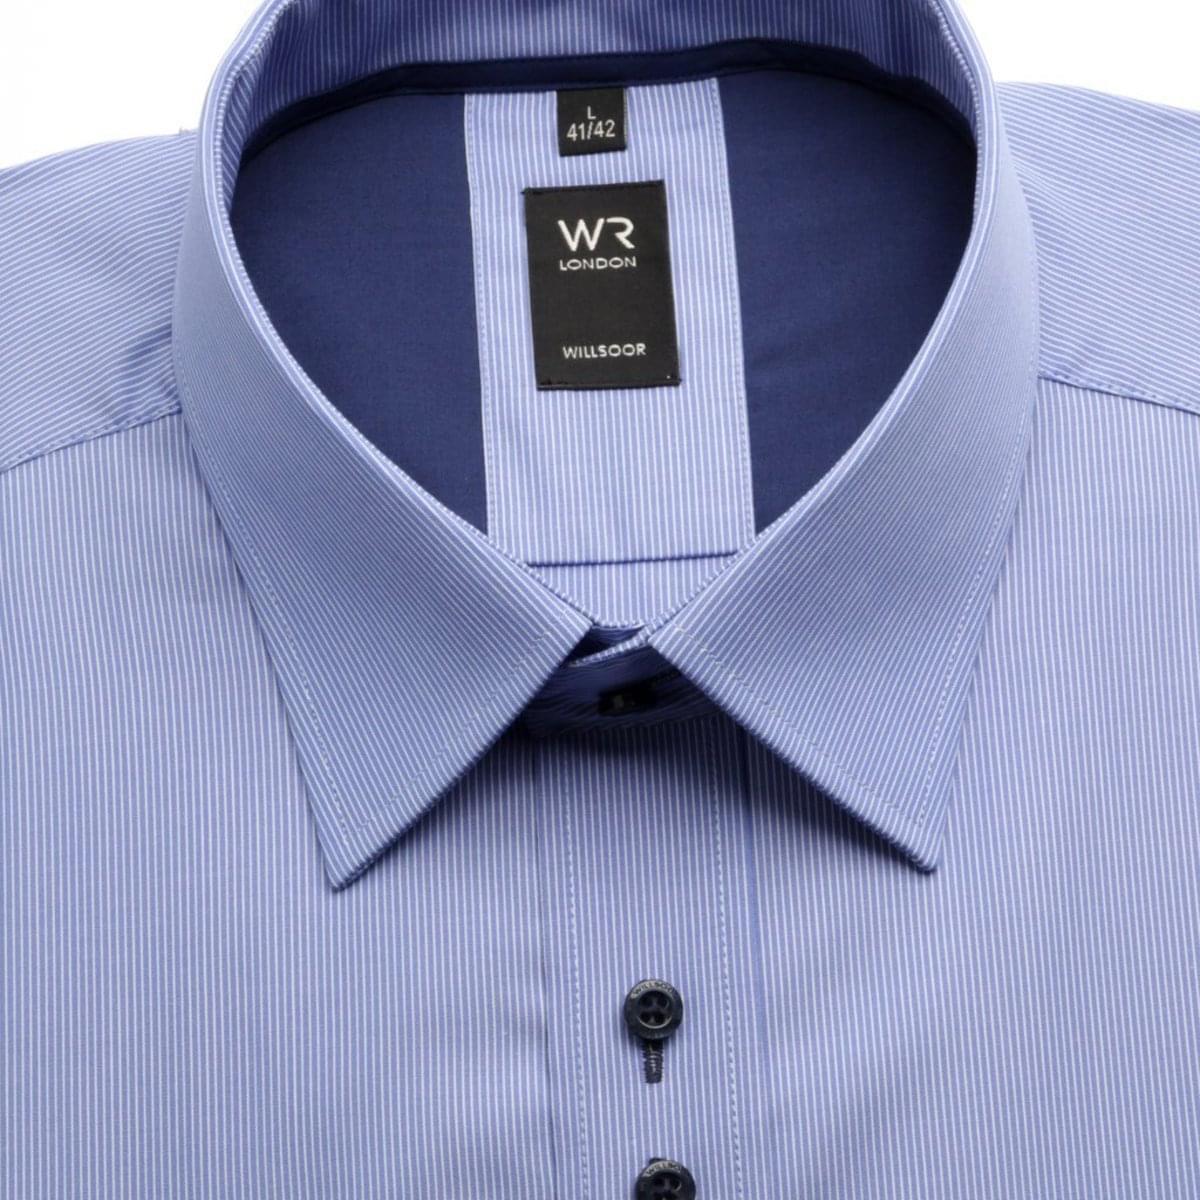 Košile WR London (výška 176-182)3929 176-182 / XL (43/44)